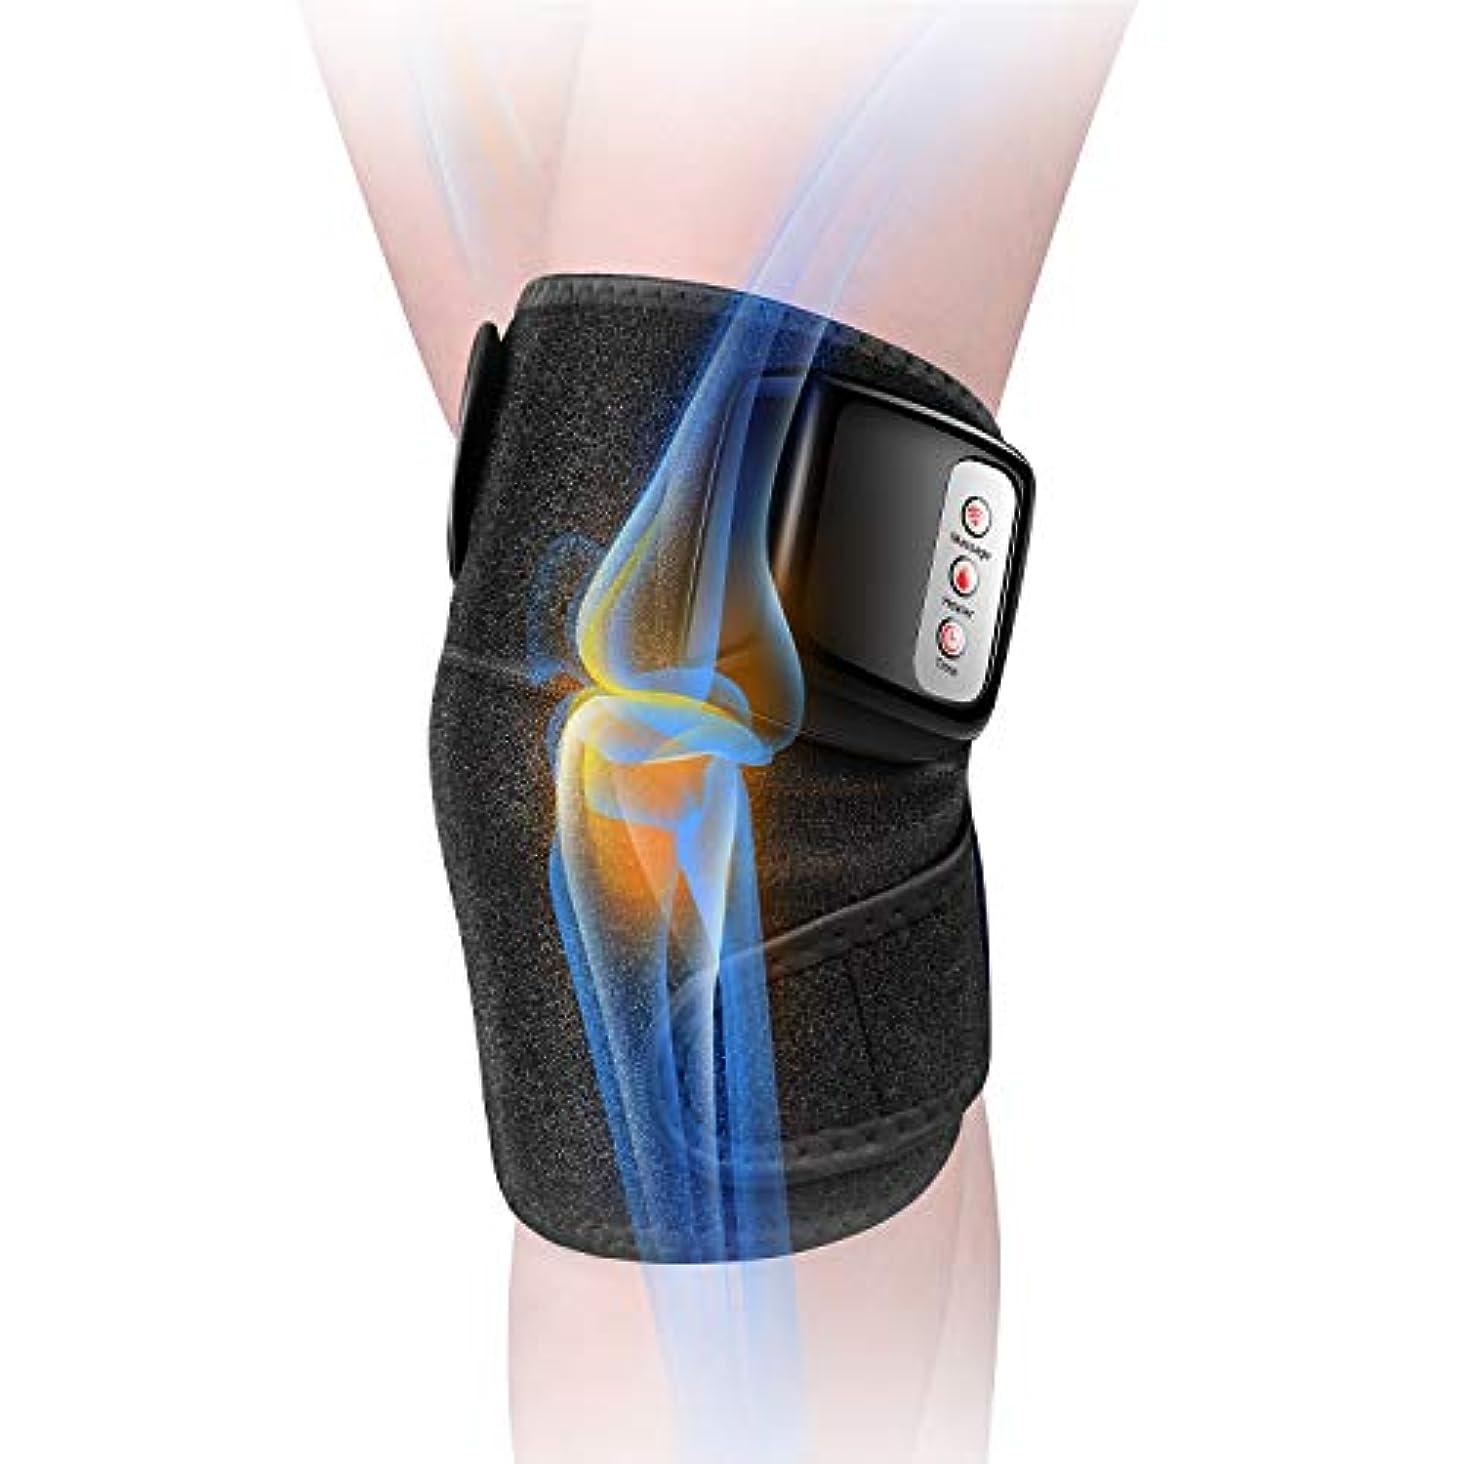 手当知人足音膝マッサージャー 関節マッサージャー マッサージ器 フットマッサージャー 振動 赤外線療法 温熱療法 膝サポーター ストレス解消 肩 太もも/腕対応